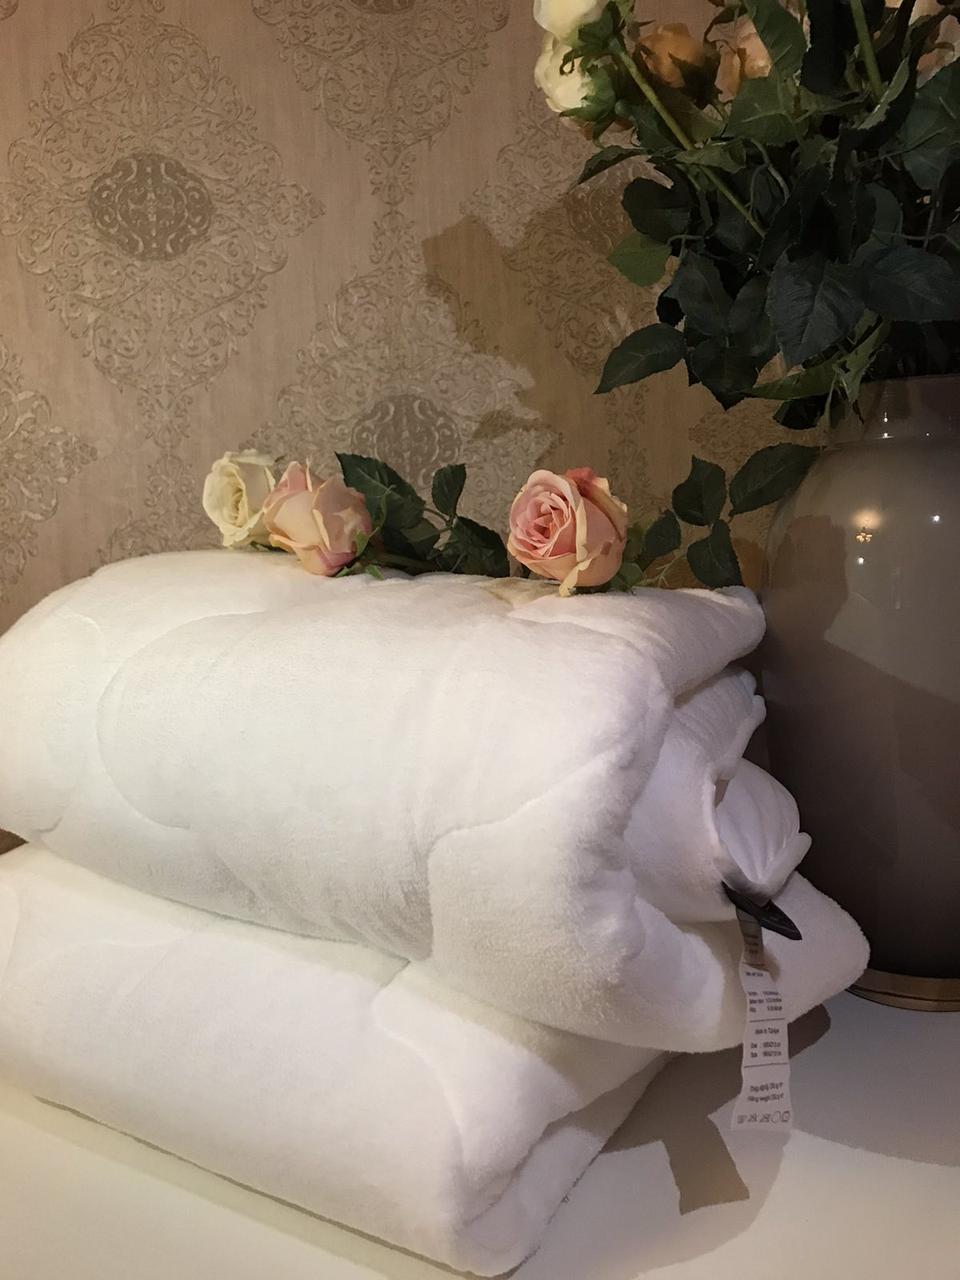 Одеяло Бамбуковое Гипоаллергенное Размер Евро 195*215 см Белое Бежевое В Чехле Турция Elita